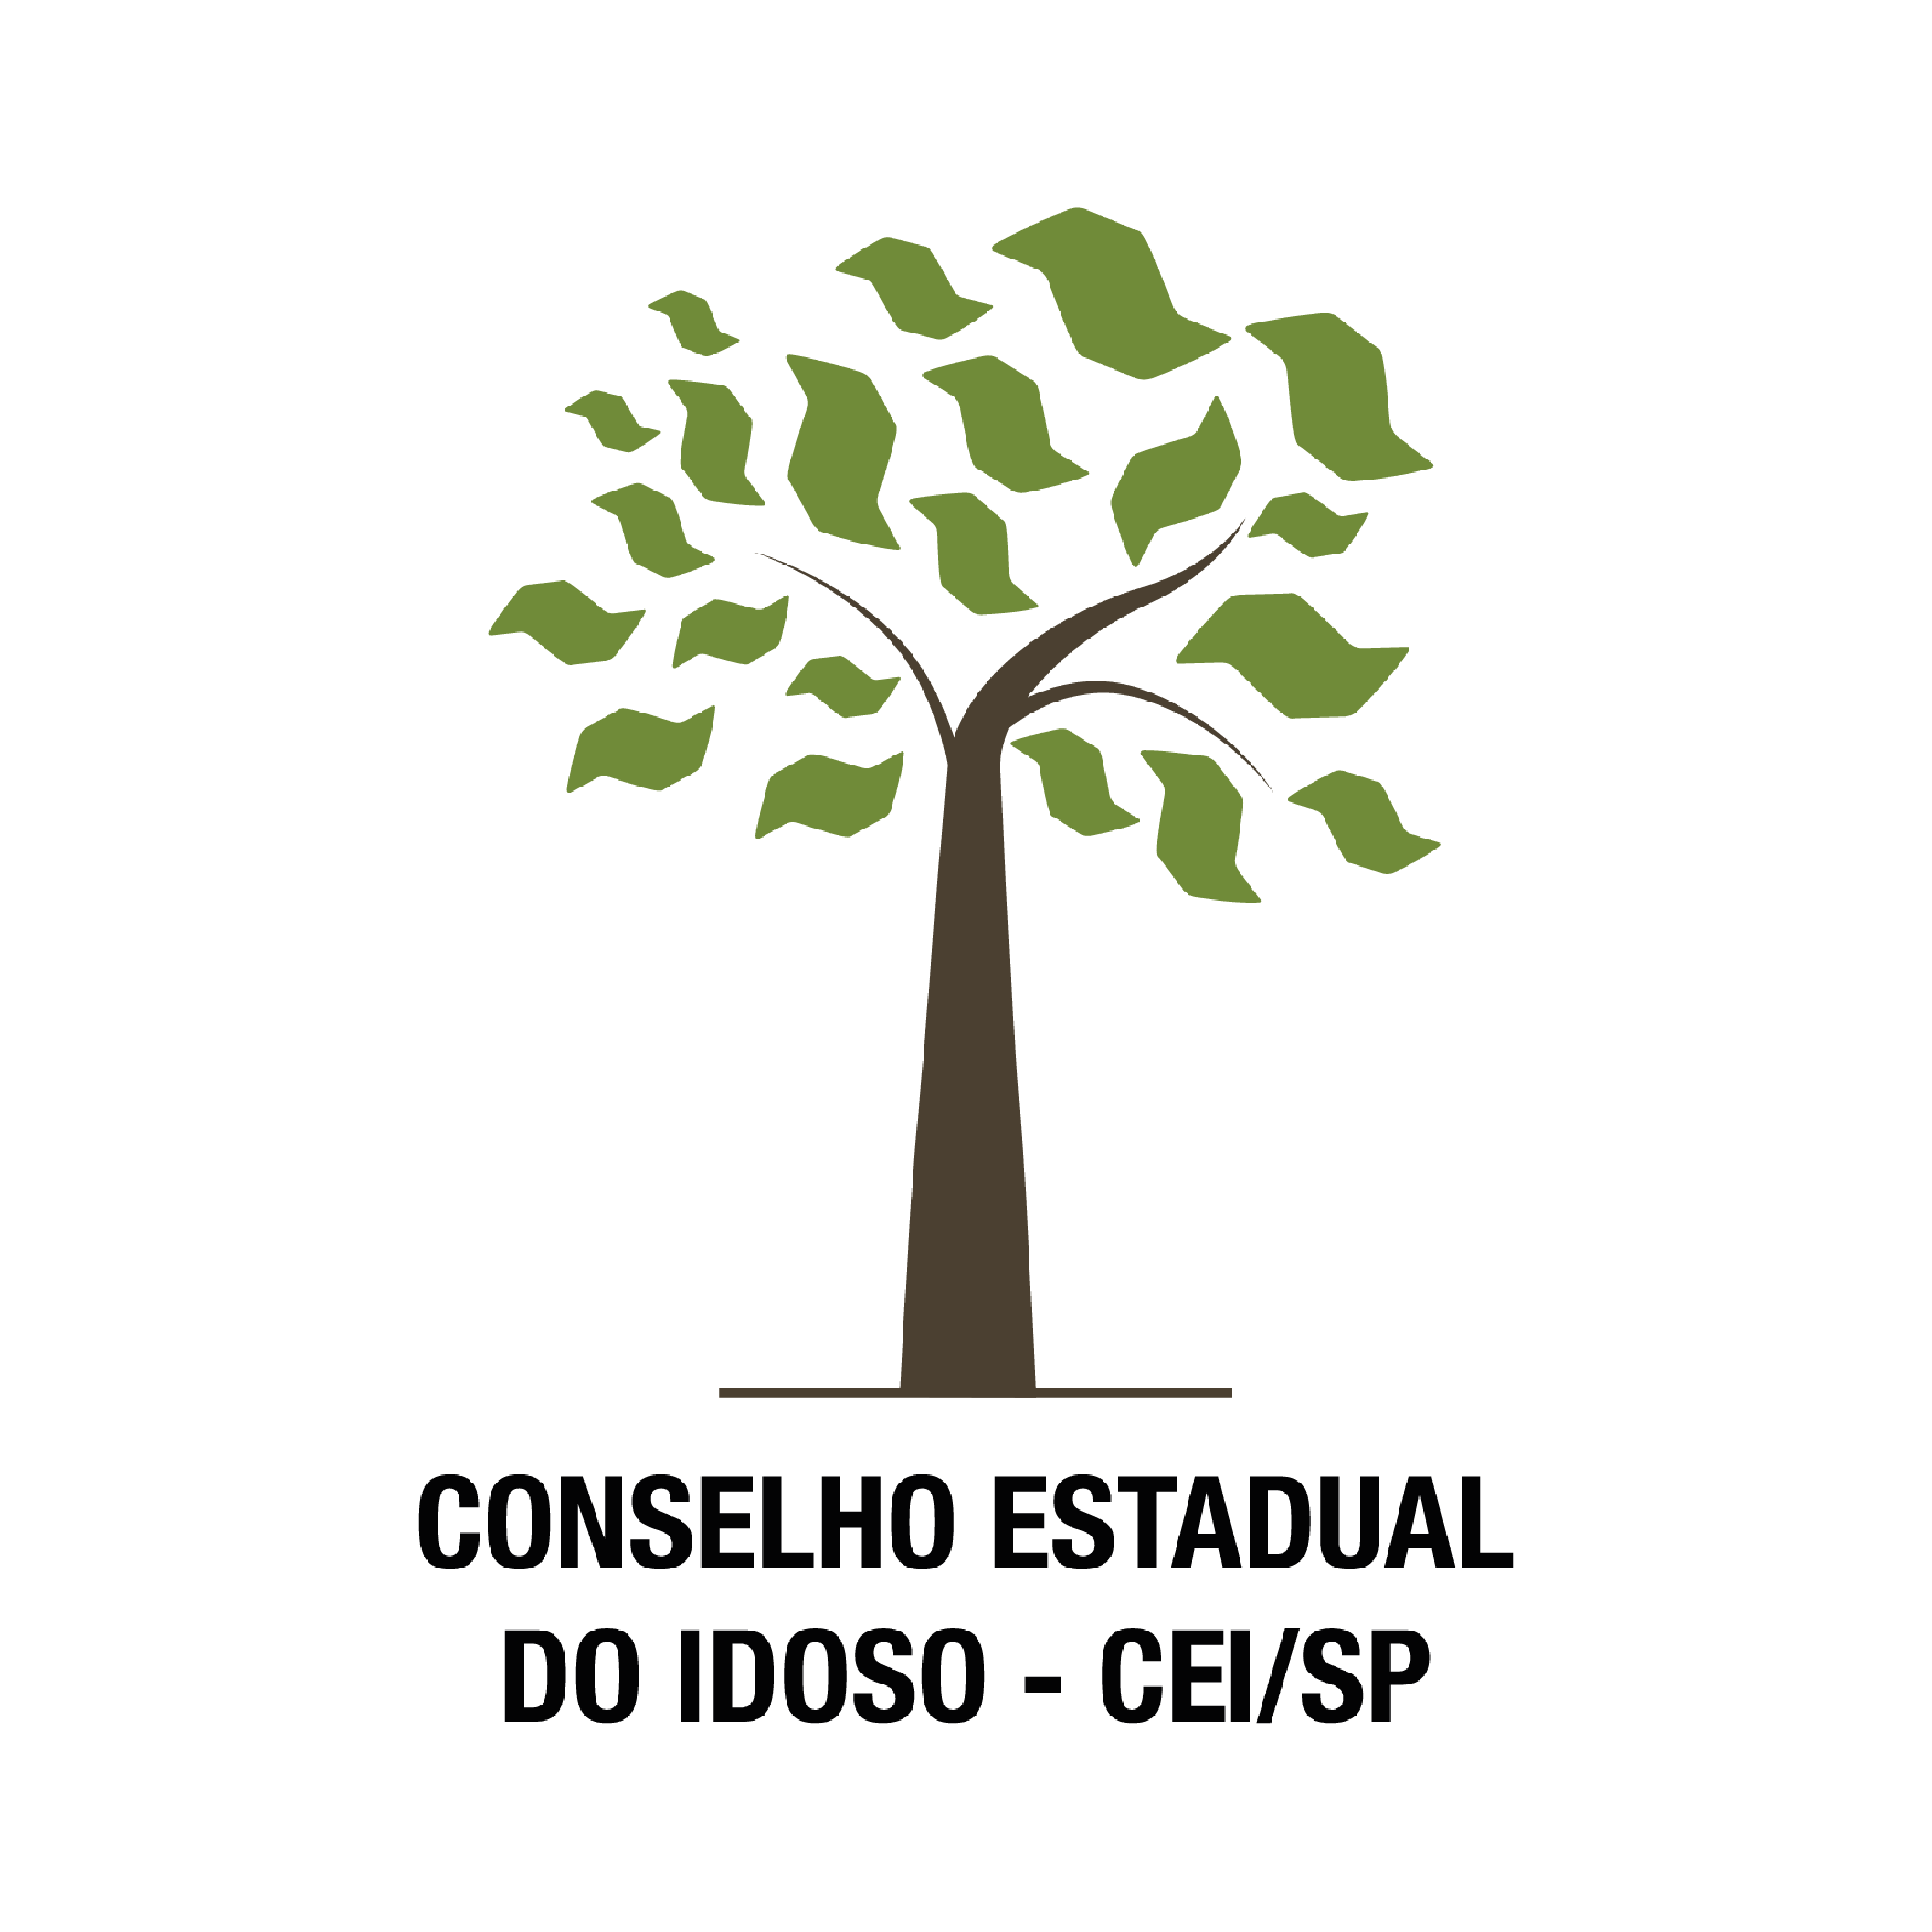 Conselho do Idoso (Sec. Desenvolvimento Social Estado de SP)